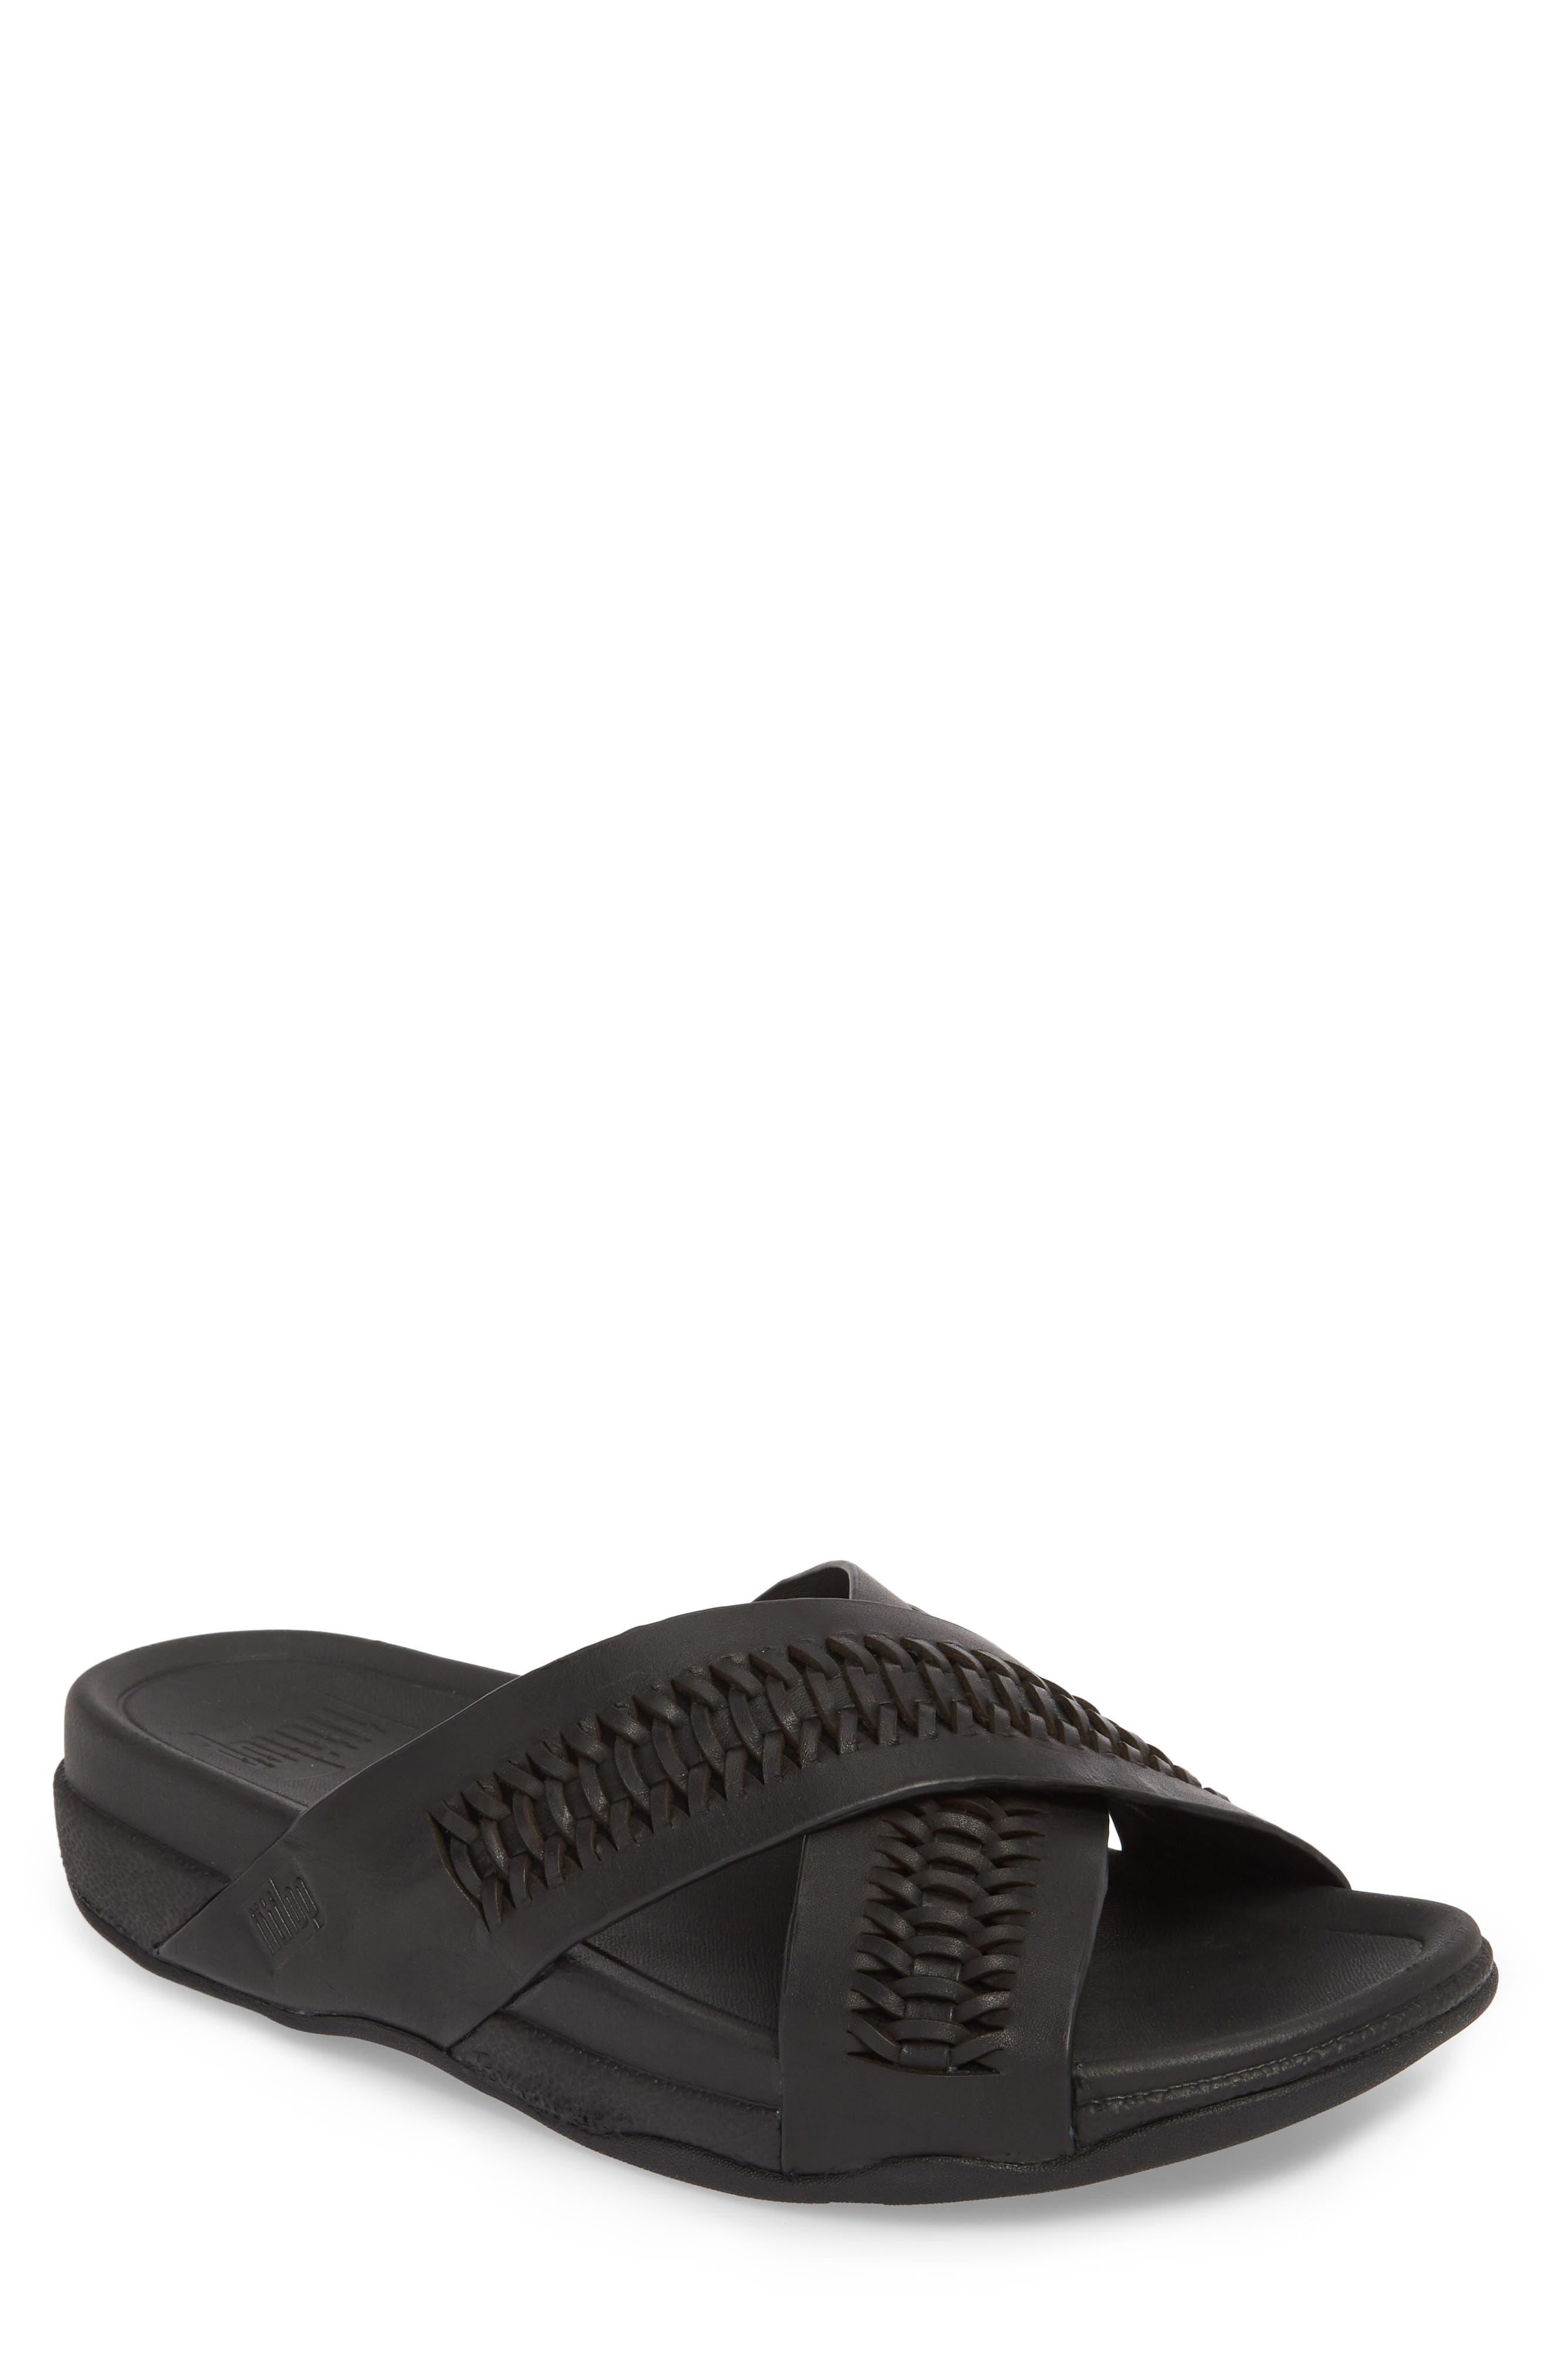 Surfer Slide Sandal,                         Main,                         color, BLACK